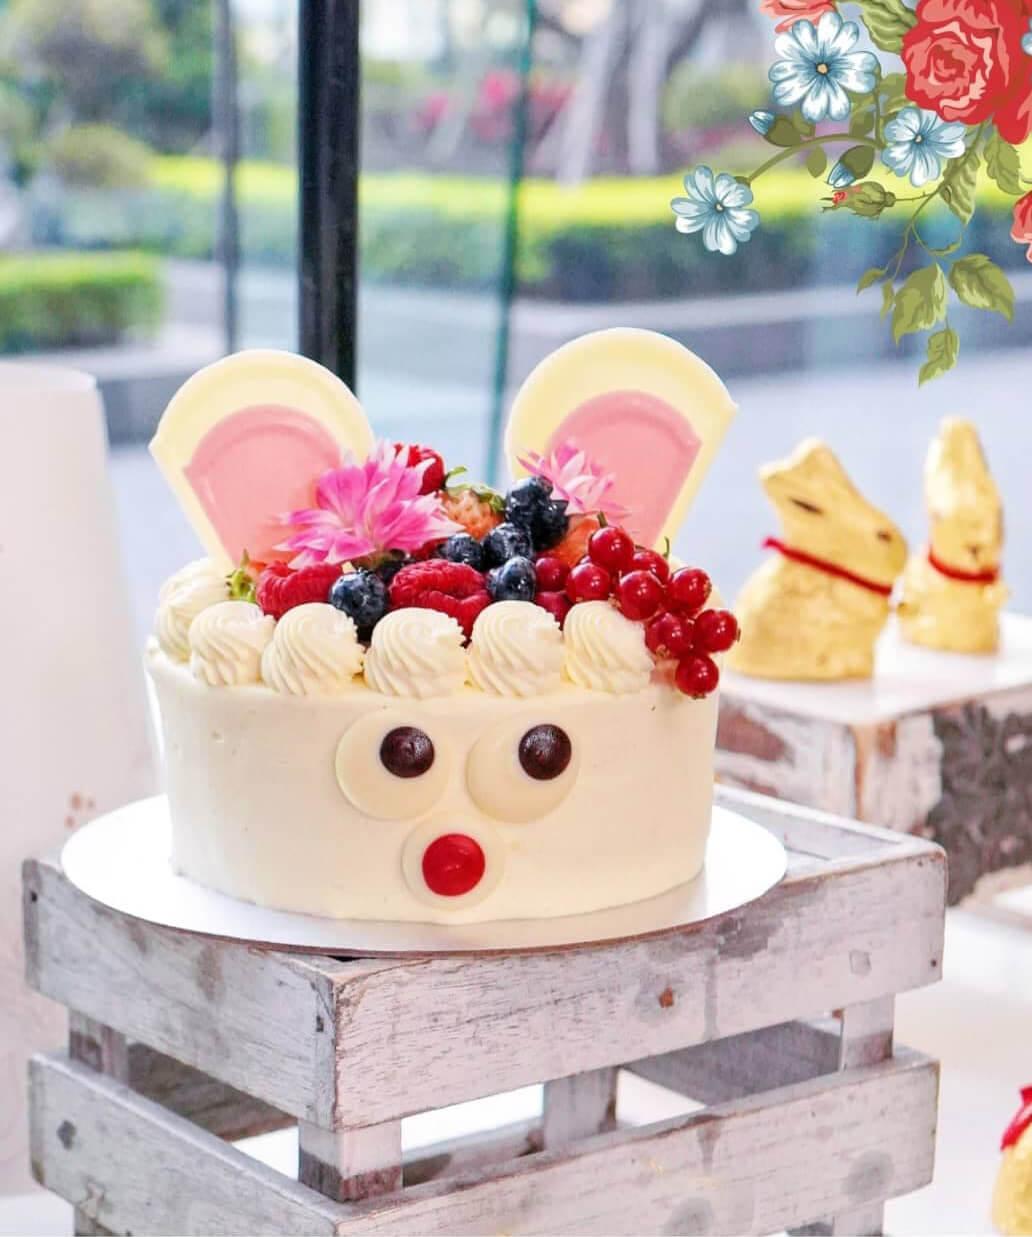 深受小朋友歡迎嘅「無粉朱古力復活兔蛋糕」。